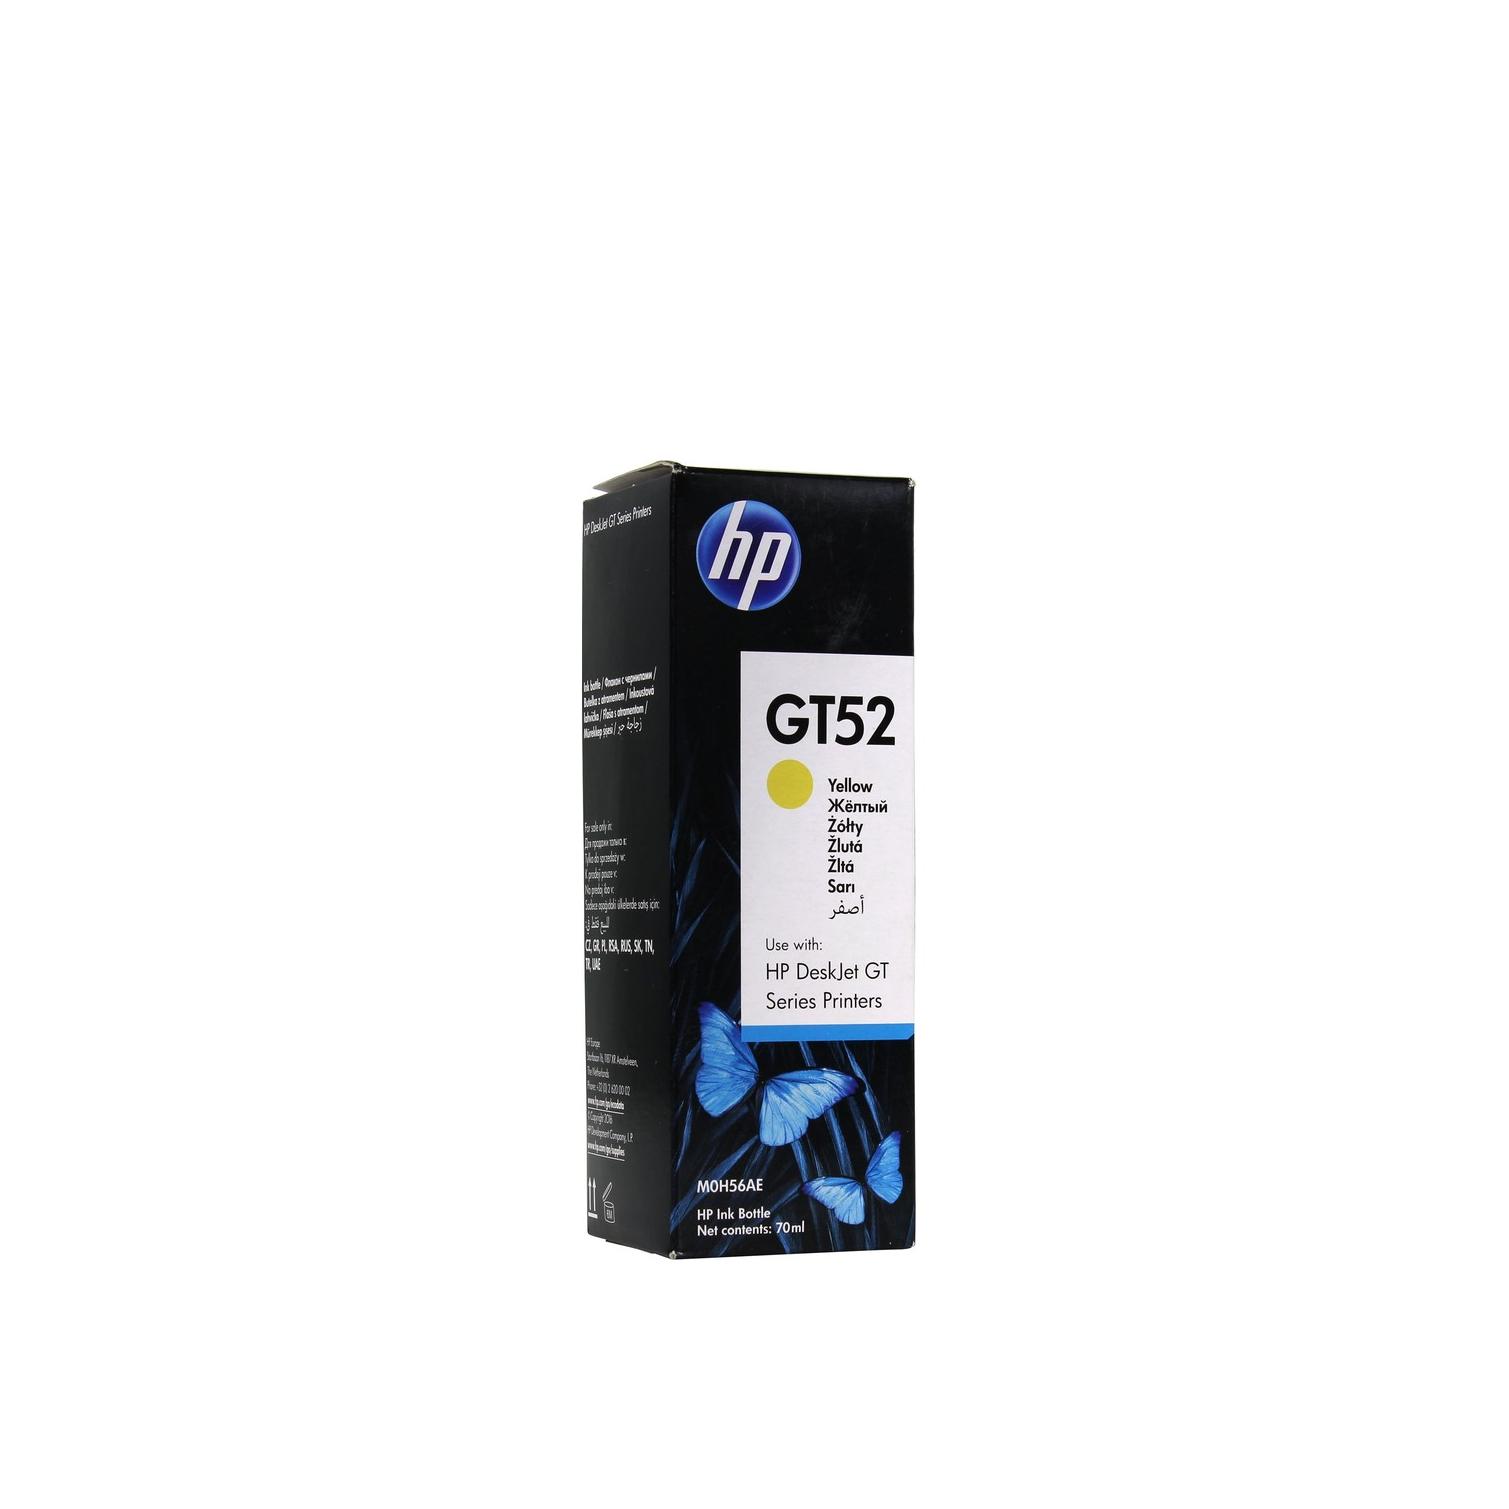 Чернила для печатного оборудования GT52 Y M0H56AE